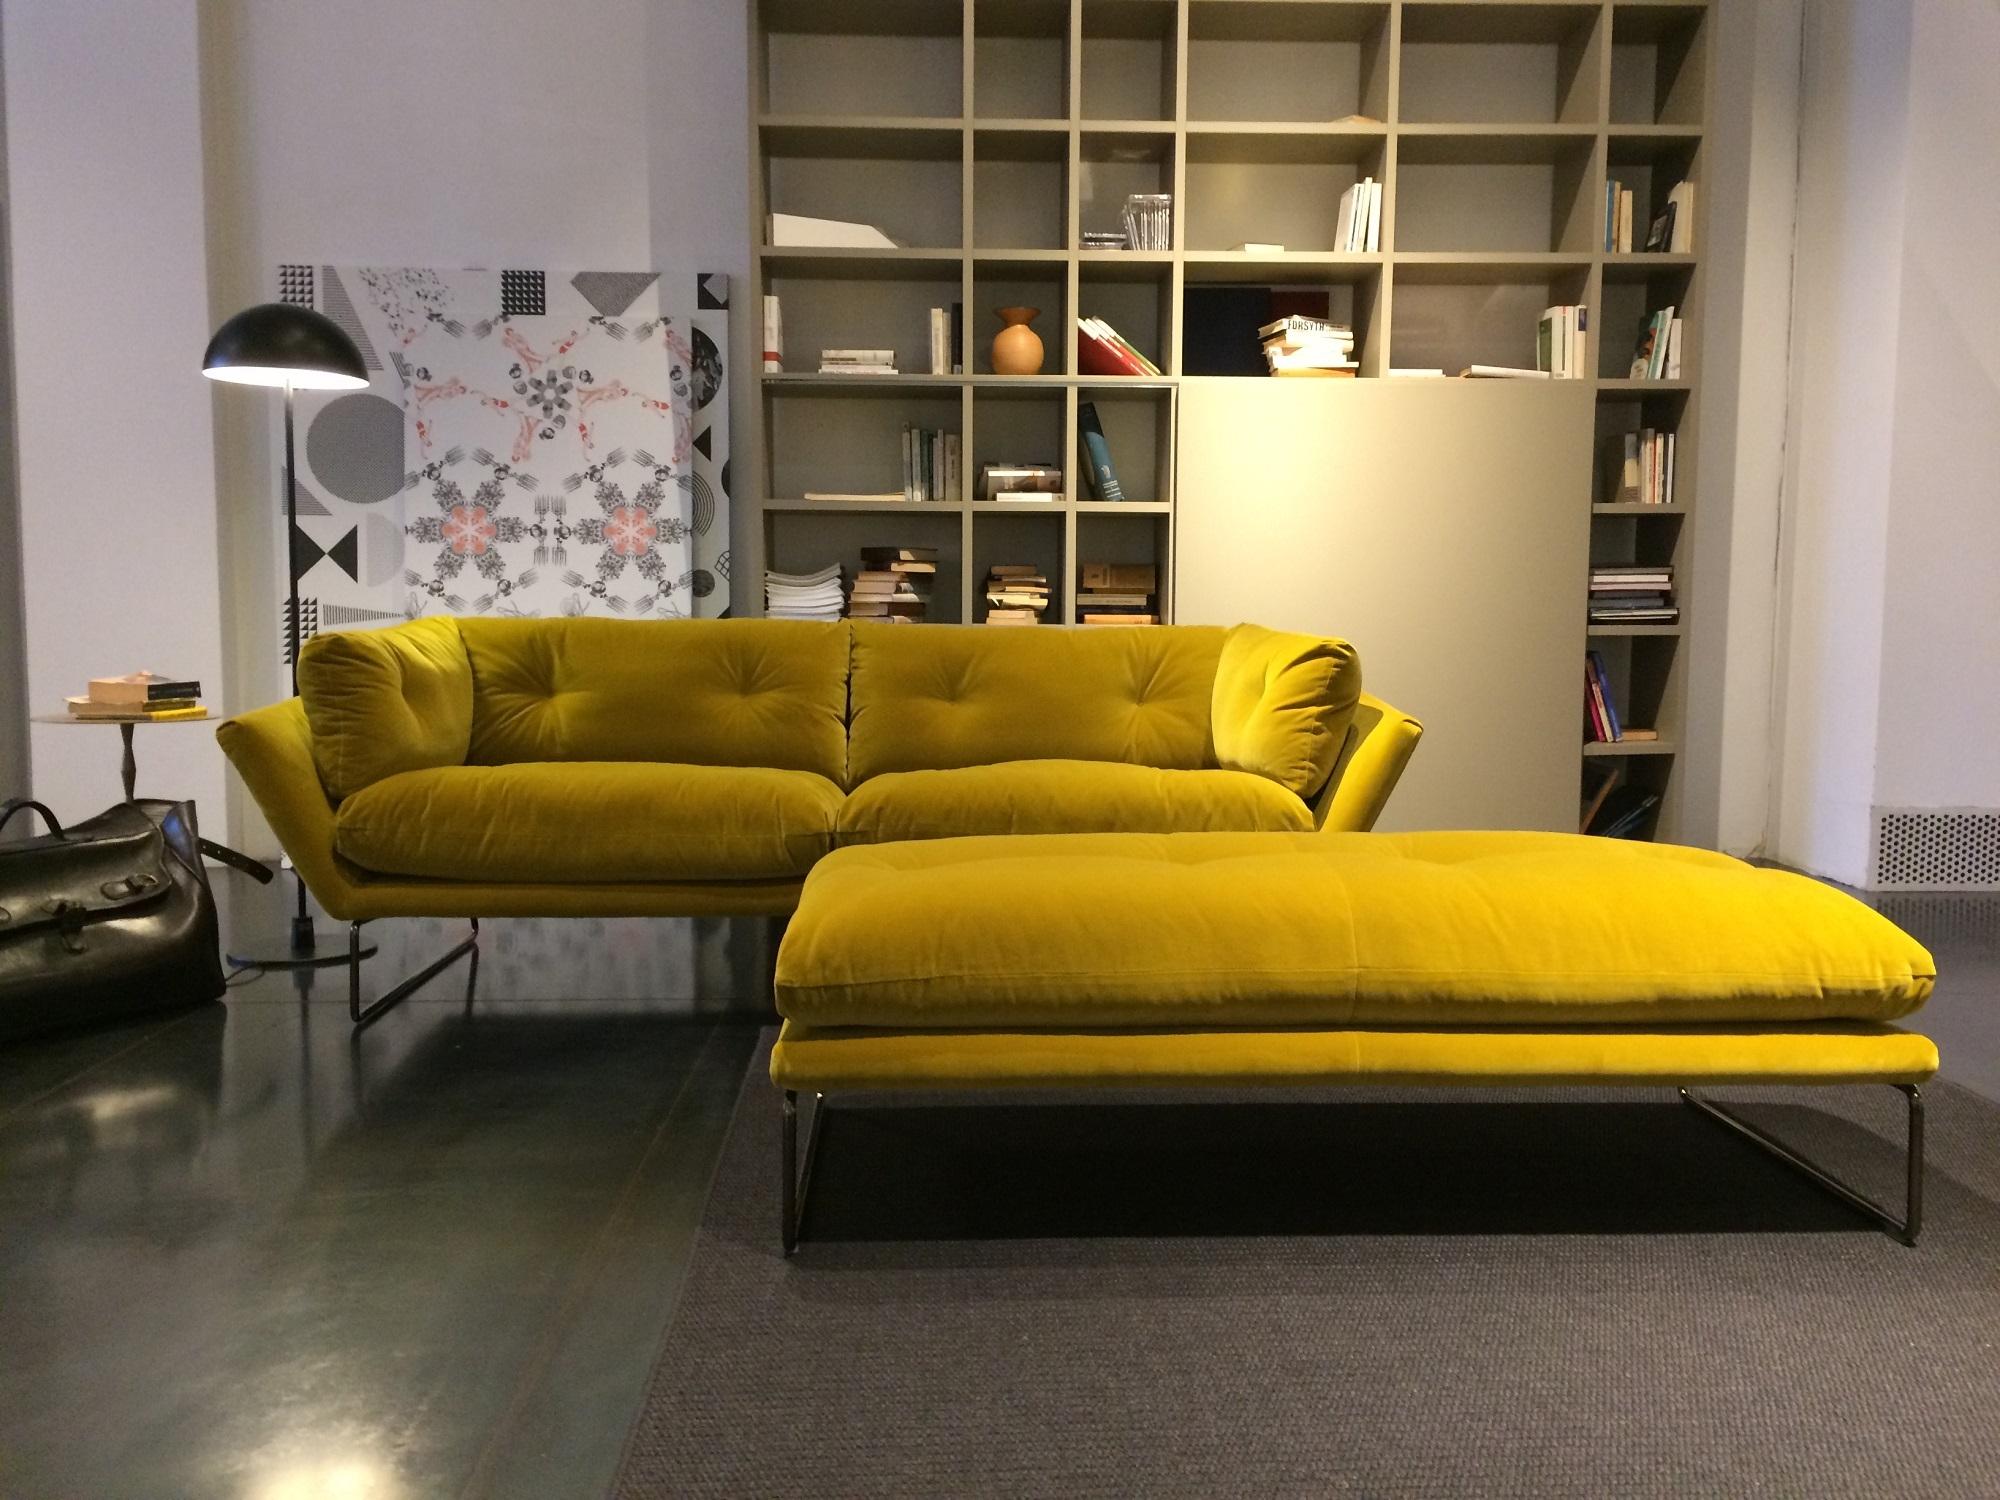 Divano new york suite di saba scontato del 40 divani a for Divani saba prezzi